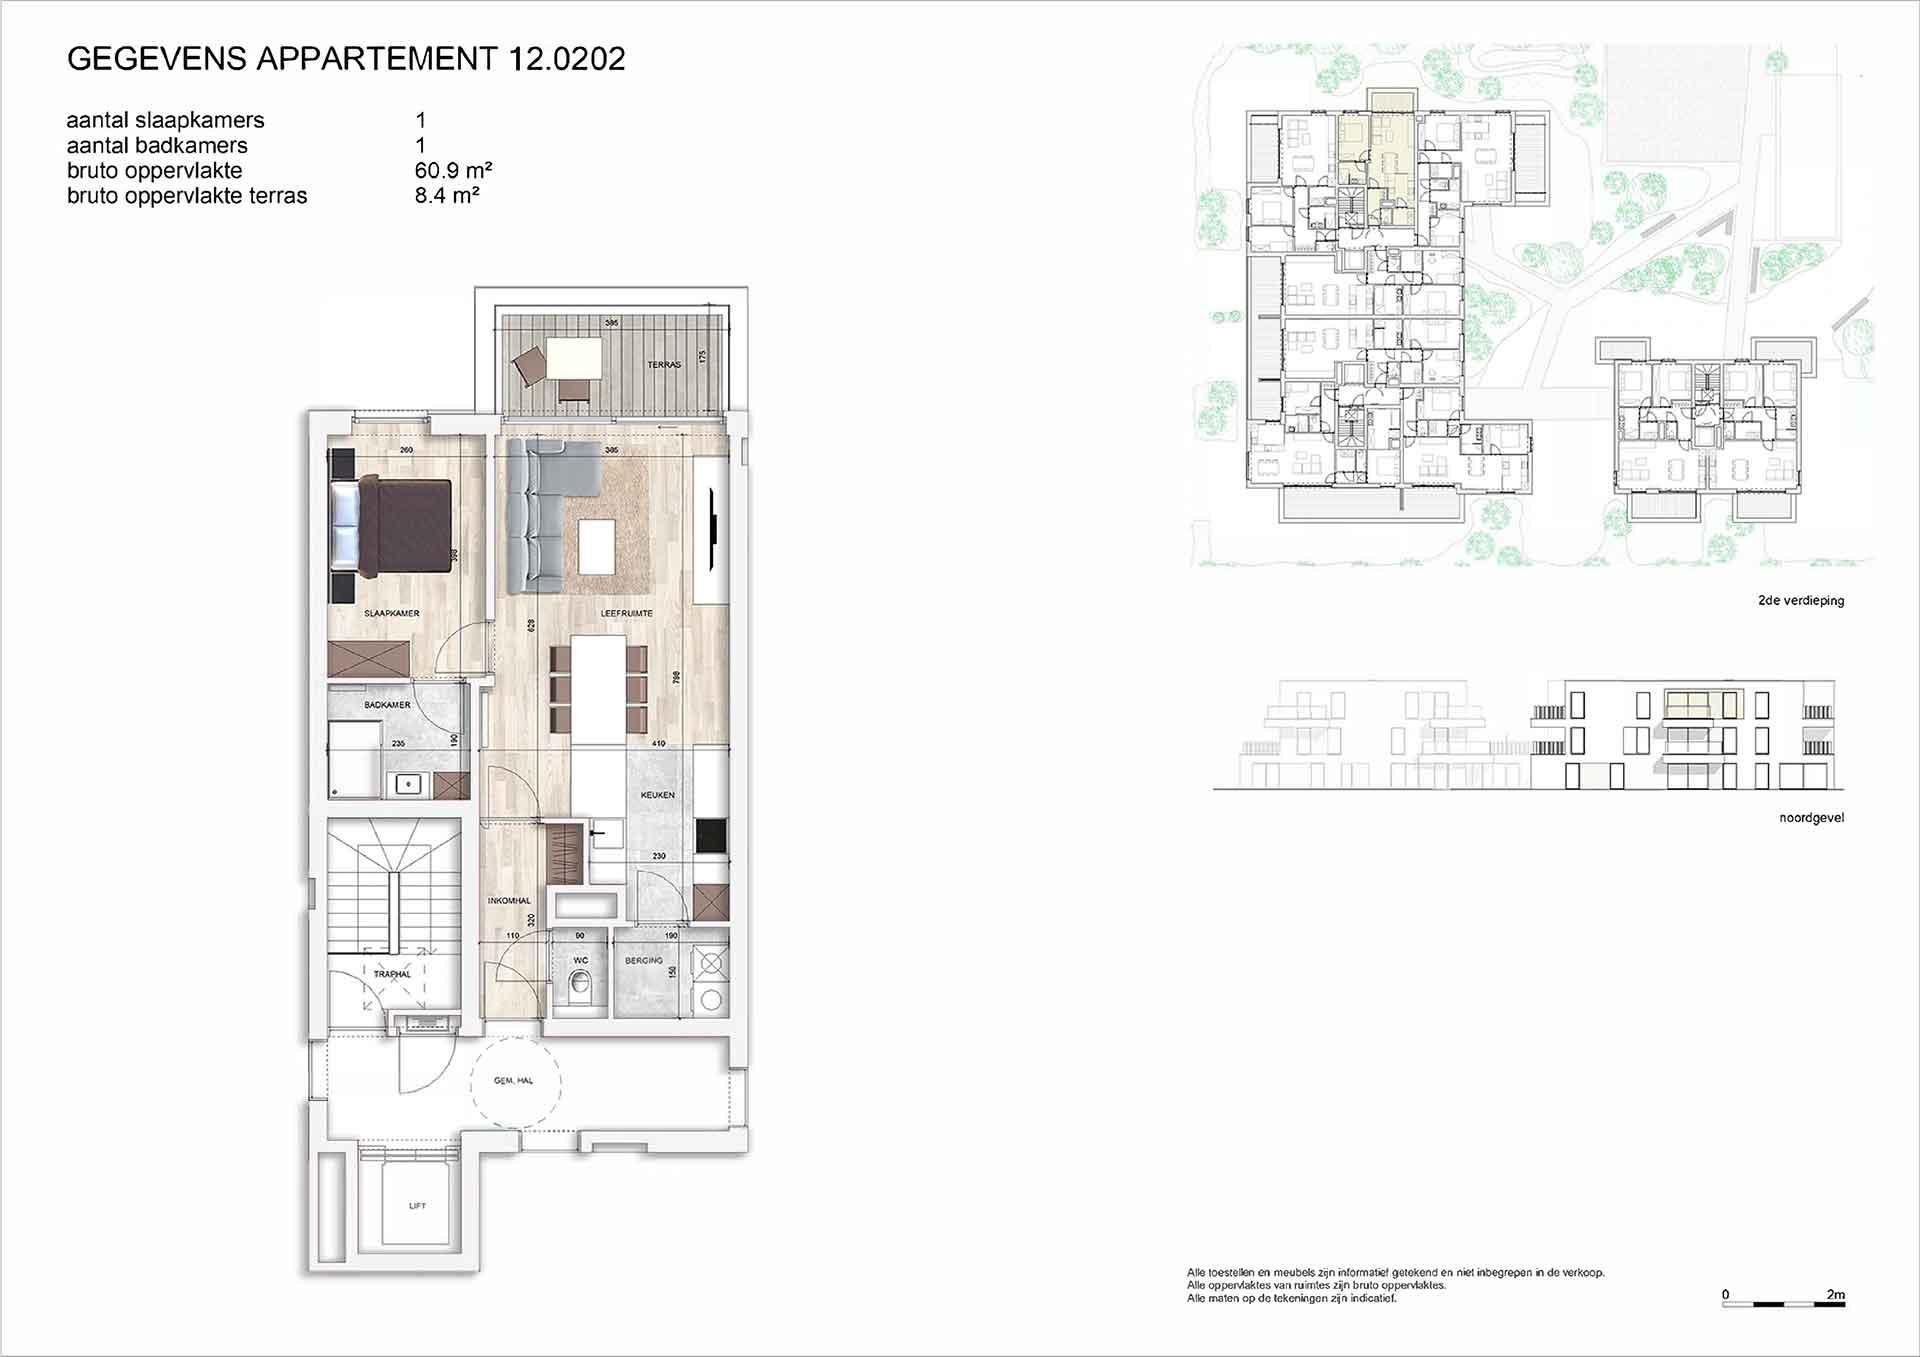 Villa<br/> Duchamp - image appartement-te-koop-nieuwpoort-villa-duchamp-120202 on https://hoprom.be